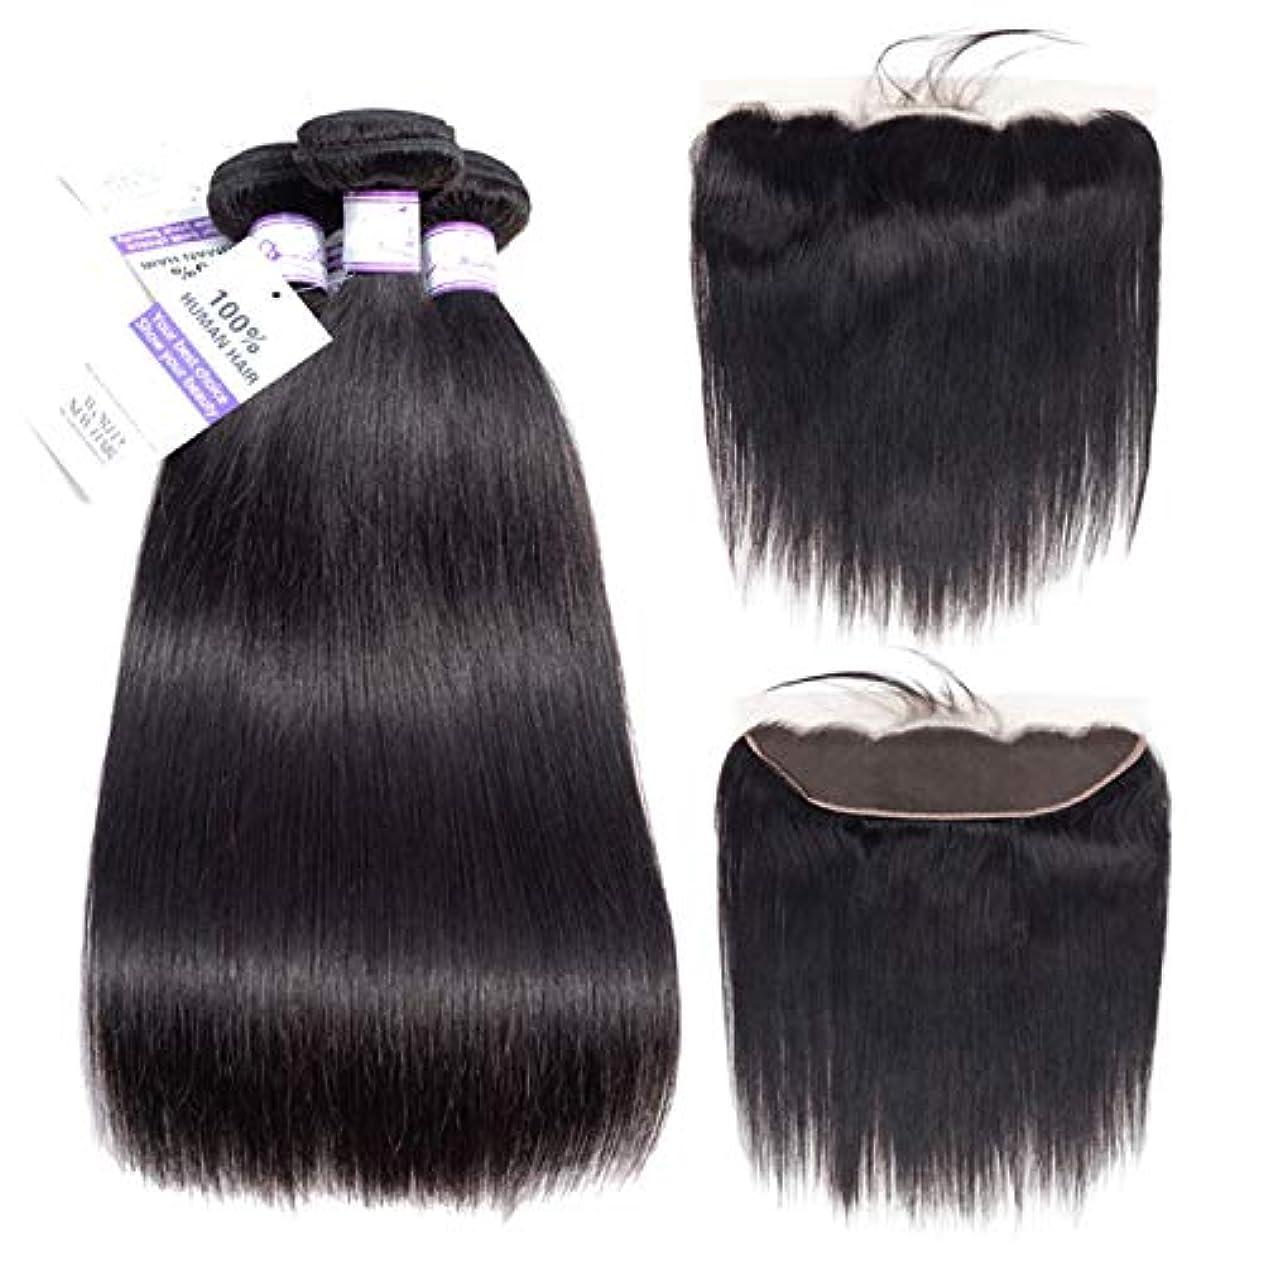 実験室動作まっすぐにするブラジルストレートヘア3バンドル付き13 * 4レース前頭閉鎖髪織りバンドルレミー人間の髪の毛の拡張子 (Length : 22 24 26 Cl20)